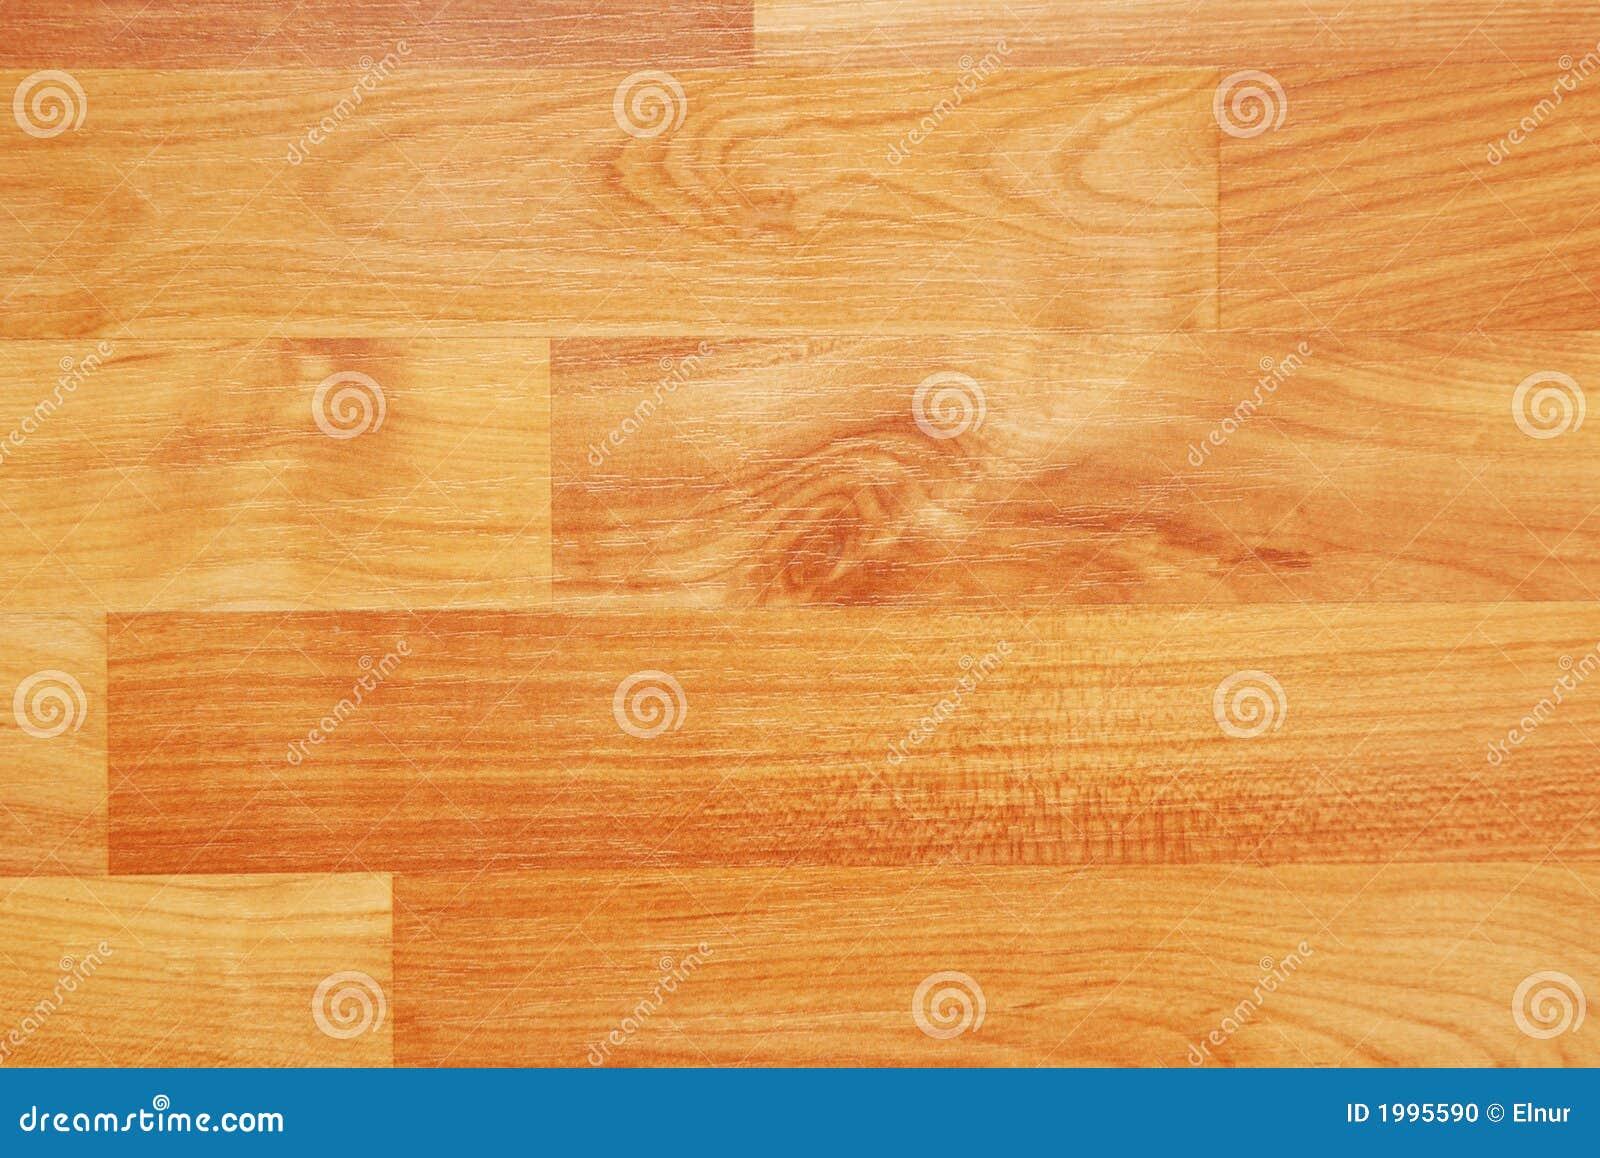 Textura del suelo de madera al ser foto de archivo - Suelo de madera ...